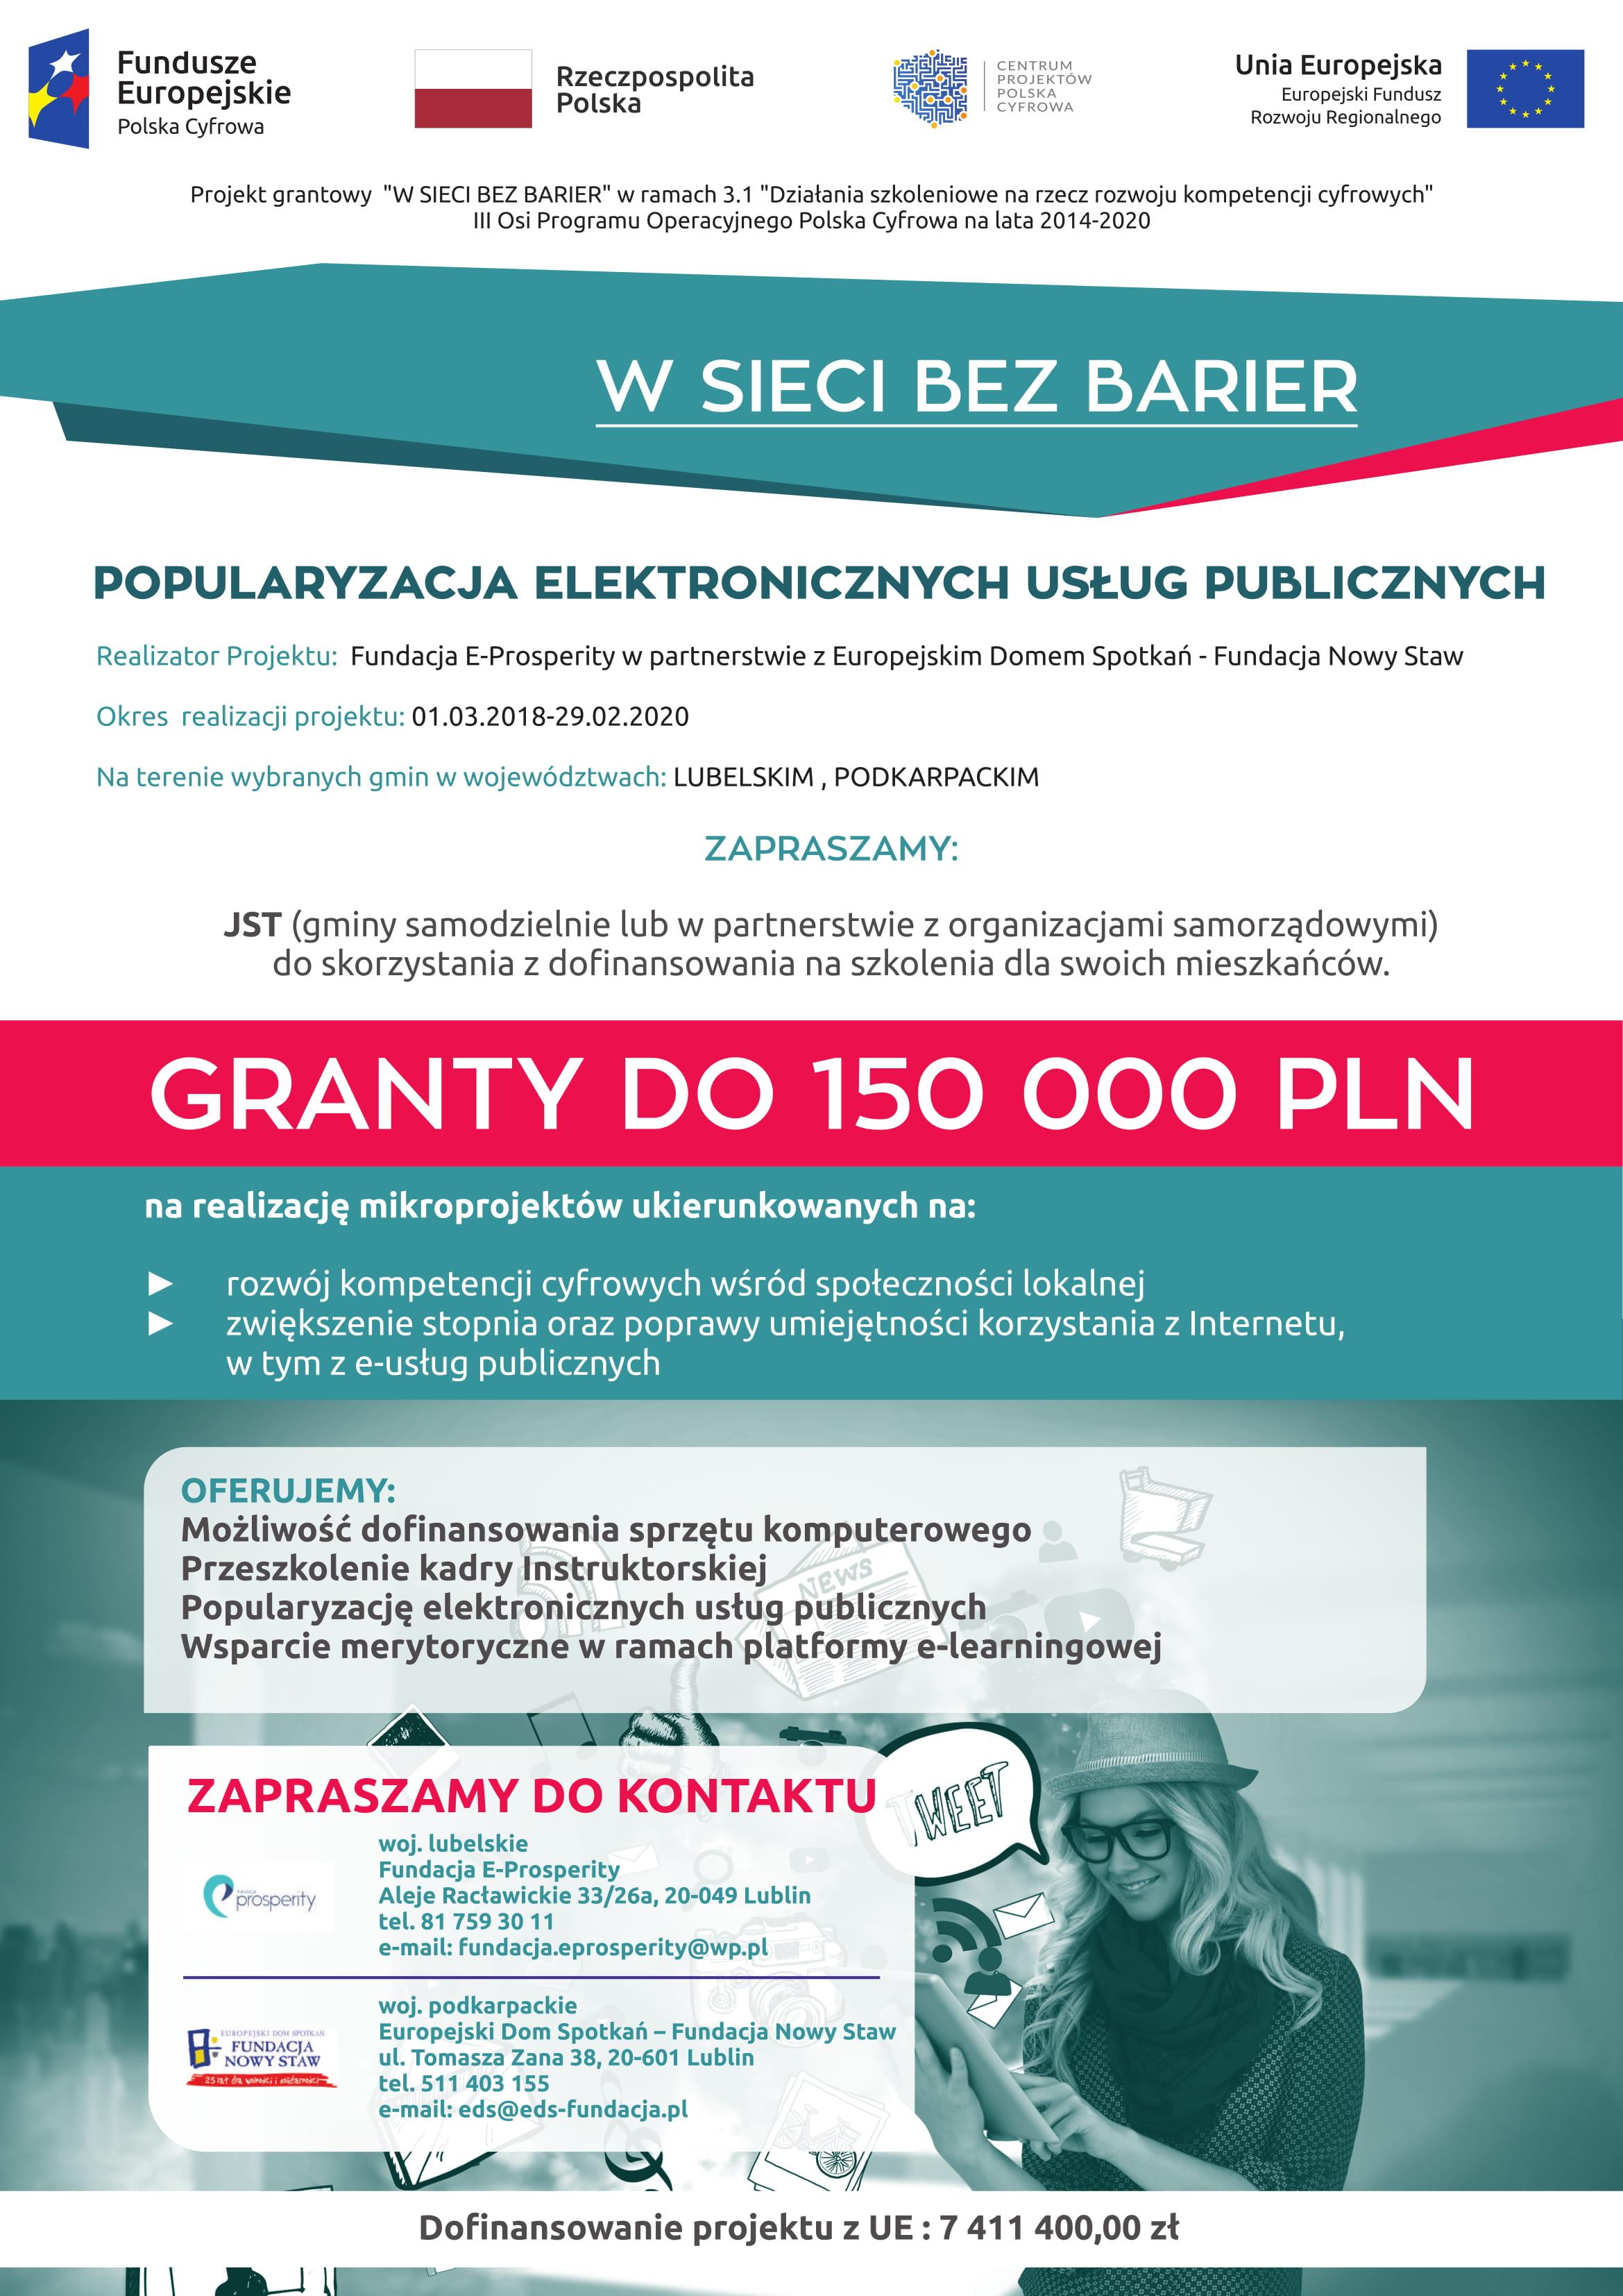 Działania szkoleniowe na rzecz rozwoju kompetencji cyfrowych Programu Operacyjnego Polska Cyfrowa